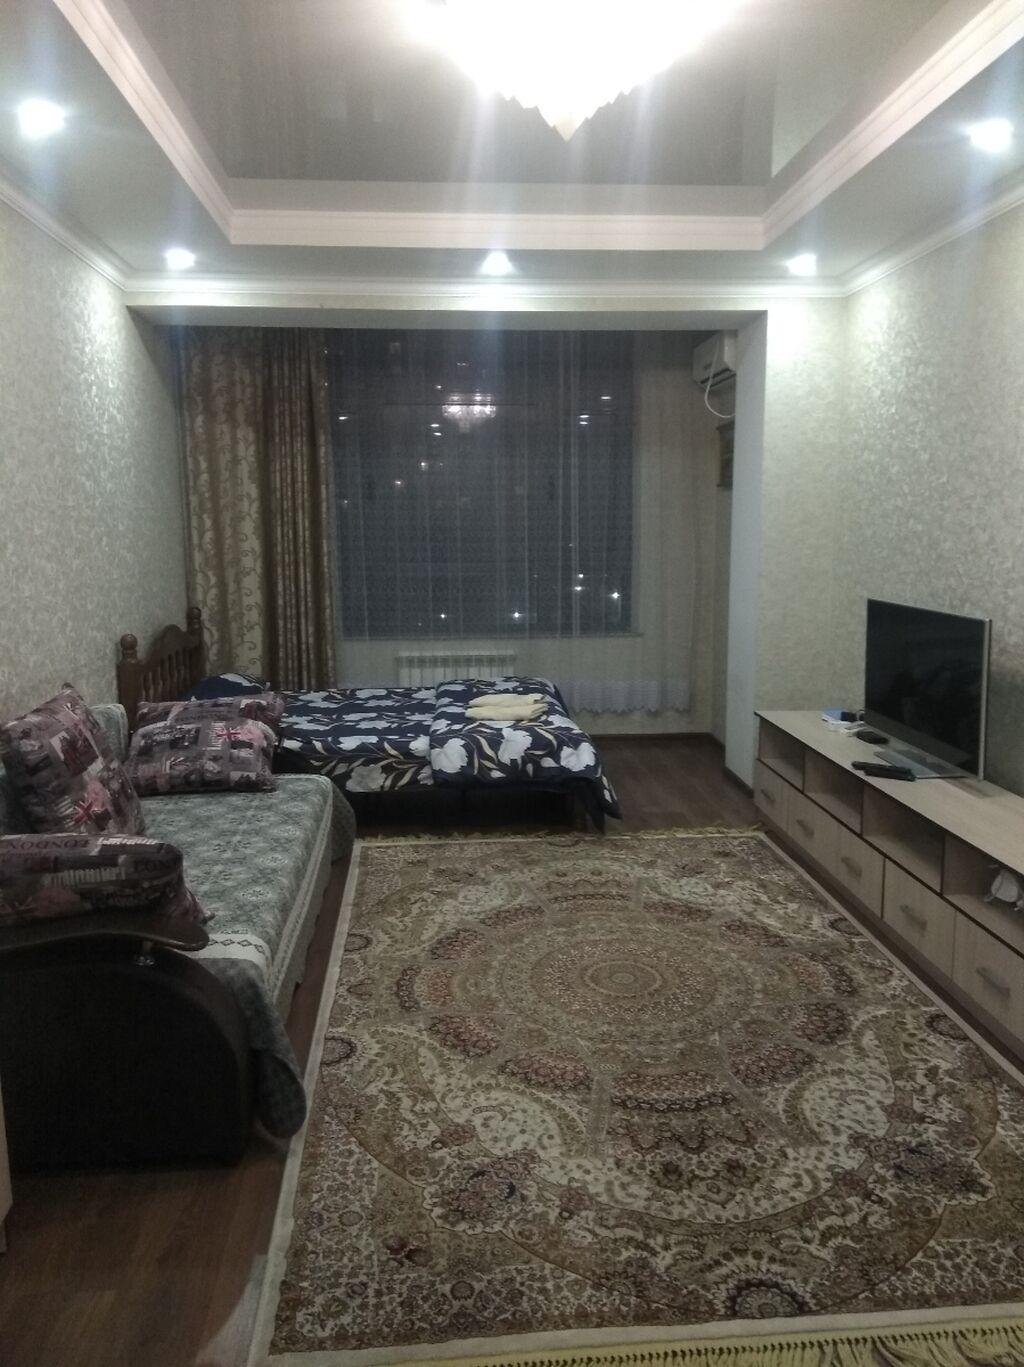 Почасовая гостиница уютная однокомнатная квартира в элитном доме Два: Почасовая гостиница уютная однокомнатная квартира в элитном доме Два